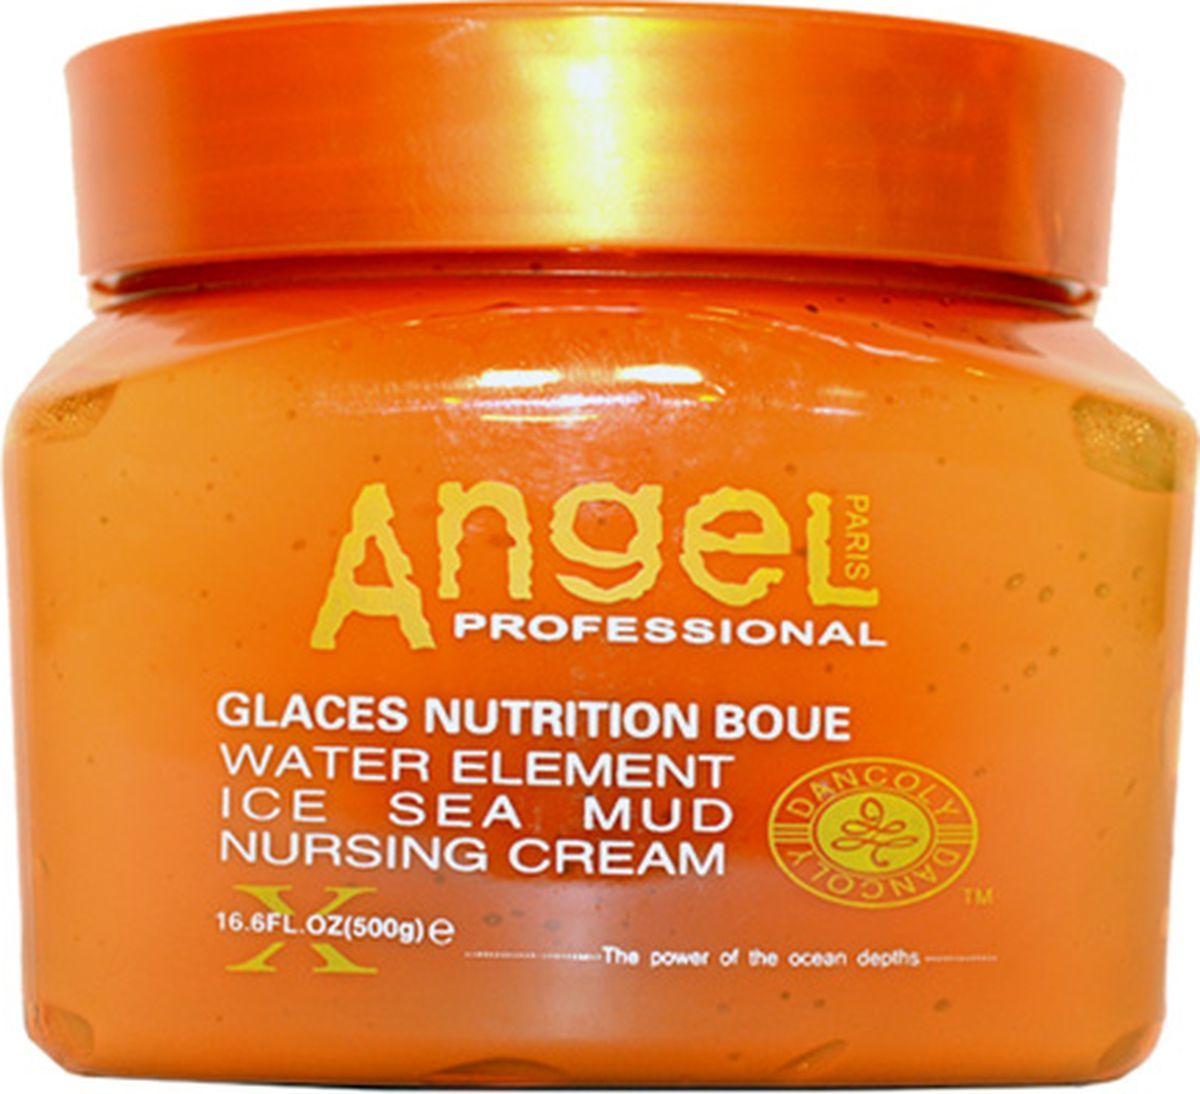 Angel professional Крем для волос с замороженной морской грязью, 500 мл цена